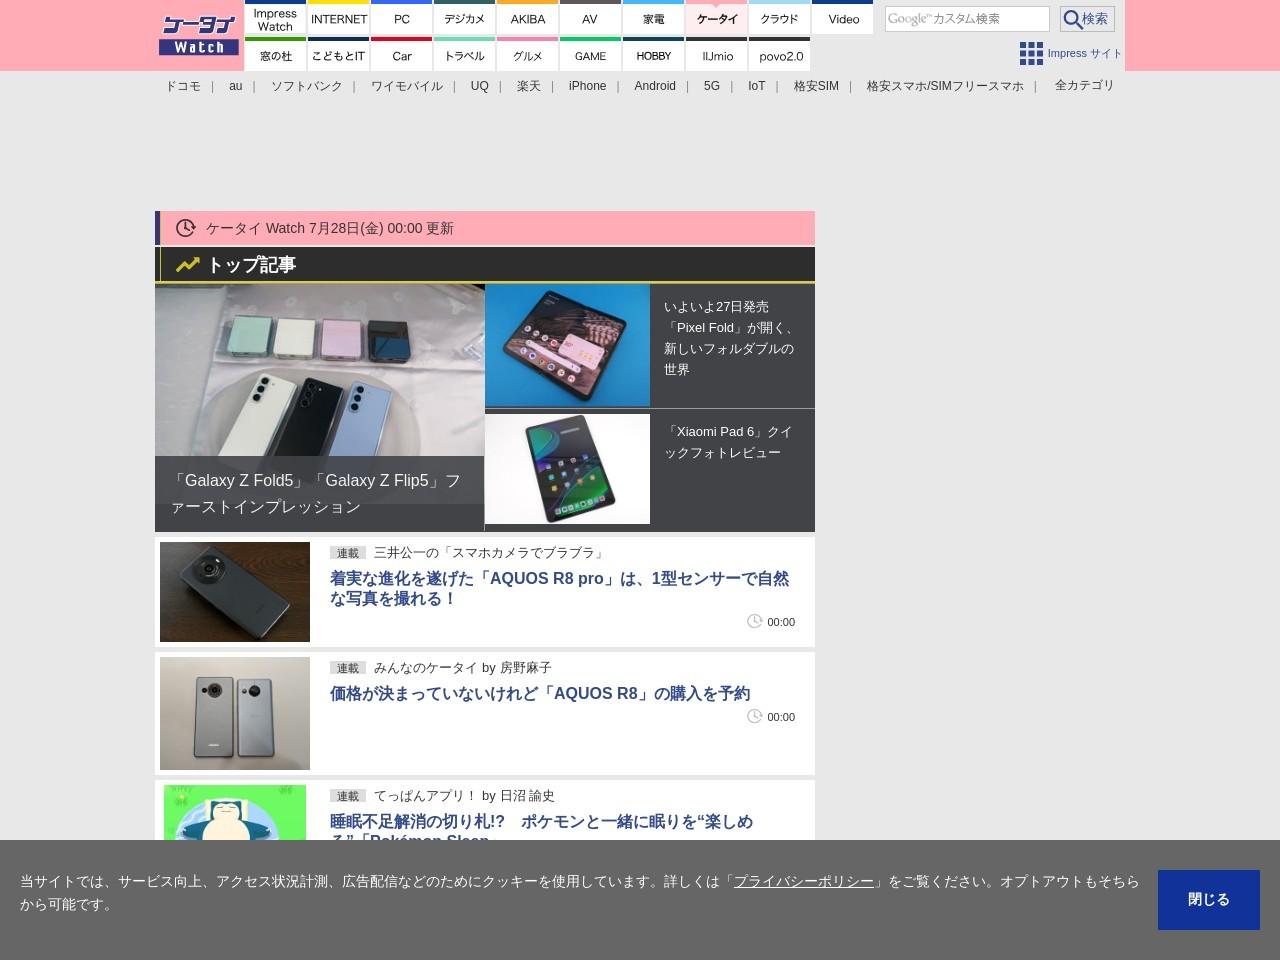 中古スマホ買取ランキング(11月4日~11月10日)